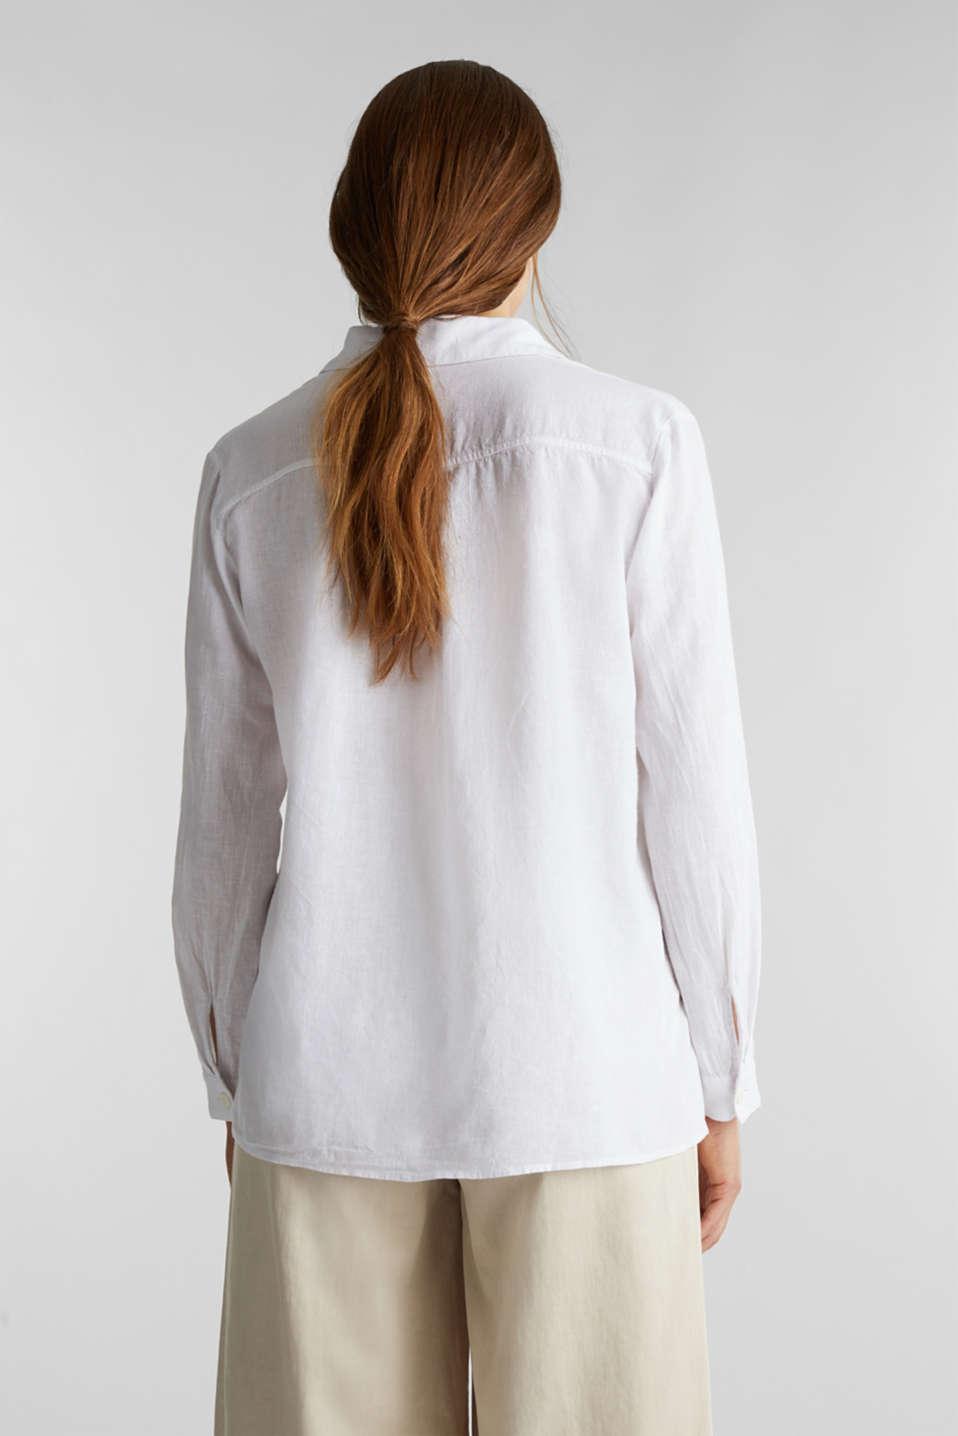 Slip-on blouse in blended linen, WHITE, detail image number 3